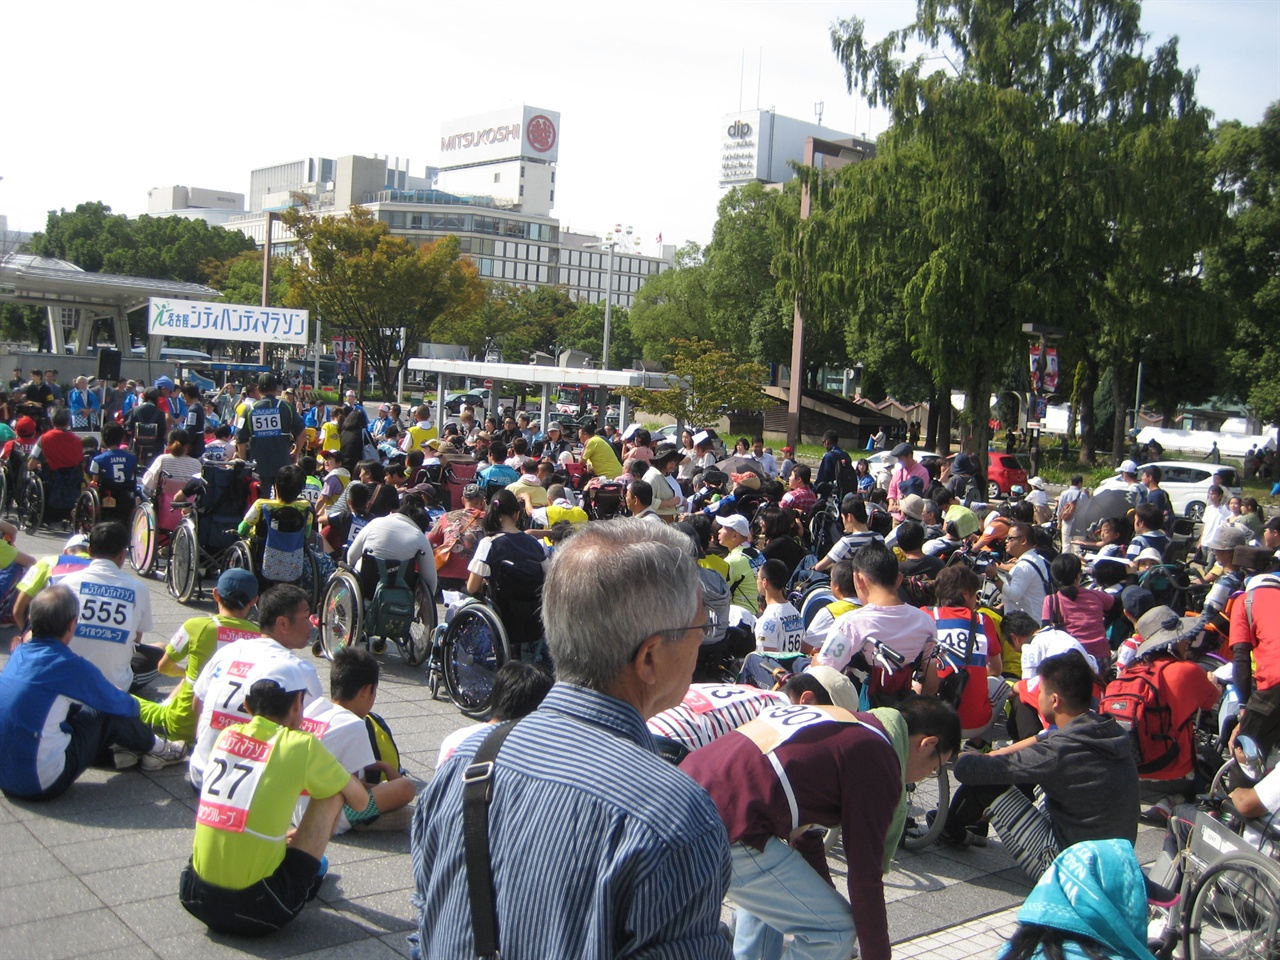 나고야 시티 핸디 마라톤 개회식이 열리고 있다. 올해는 역대 최다인 460명이 참가했다.